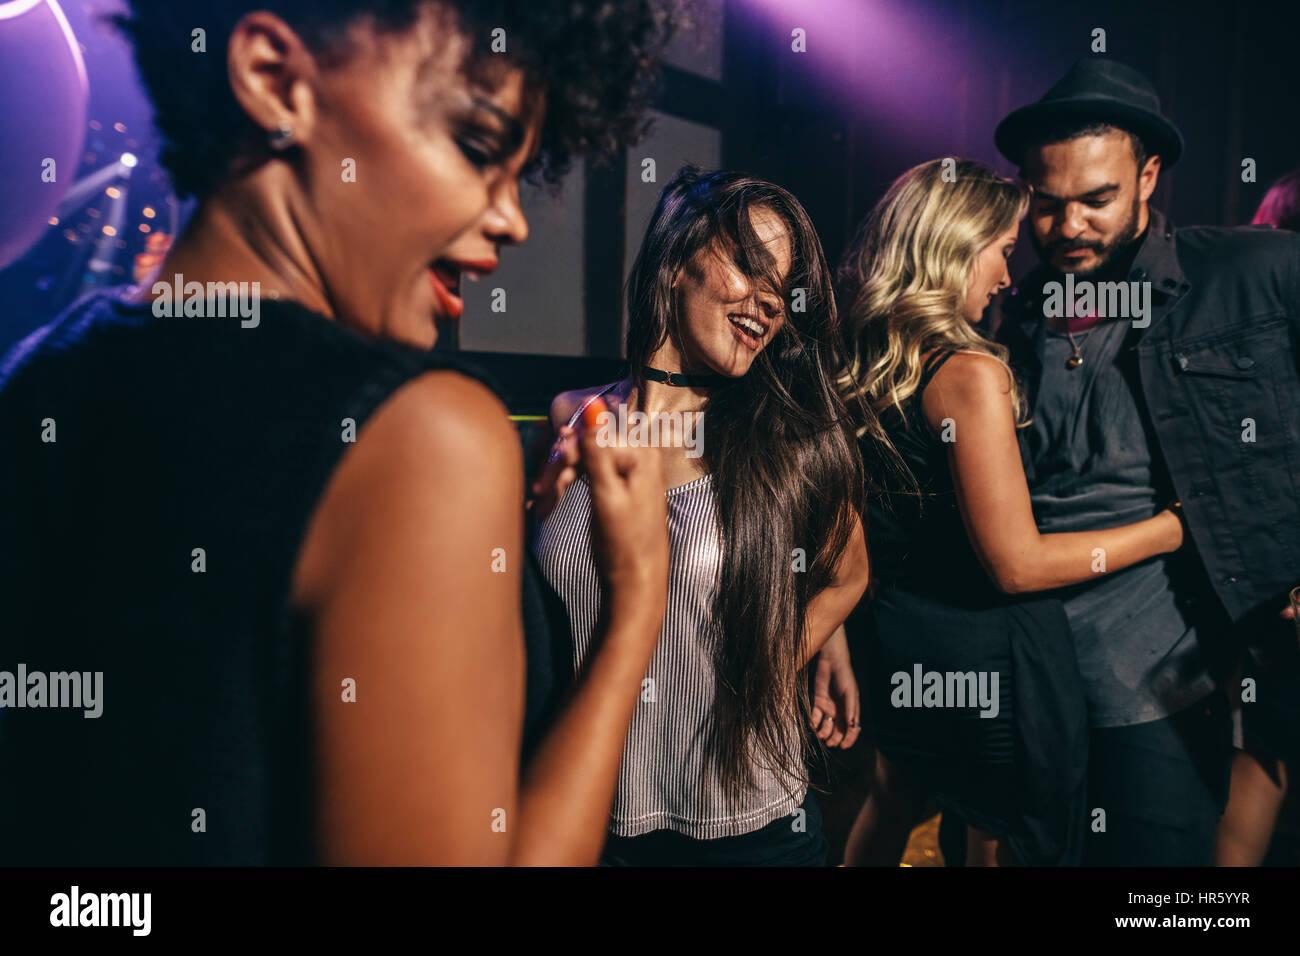 Groupe de jeunes amis de s'amuser ensemble à la discothèque. Les hommes et les femmes à danser Photo Stock